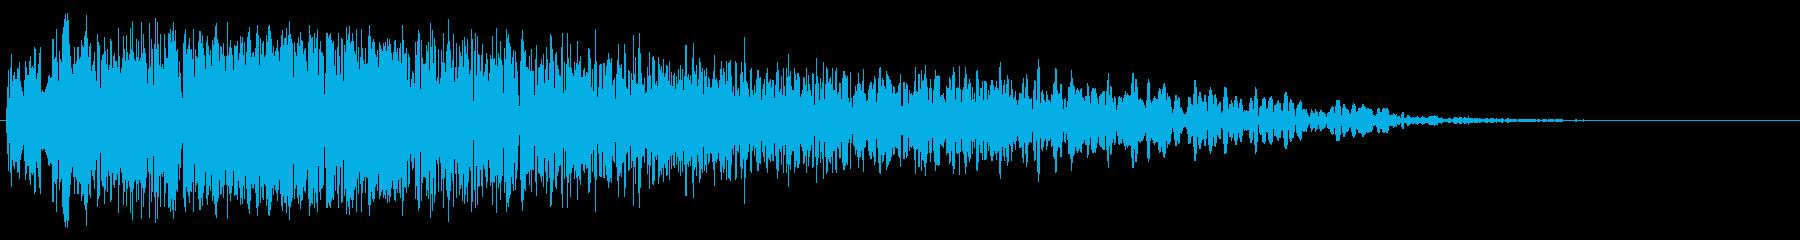 スペースインパルスレーザーガン:シ...の再生済みの波形